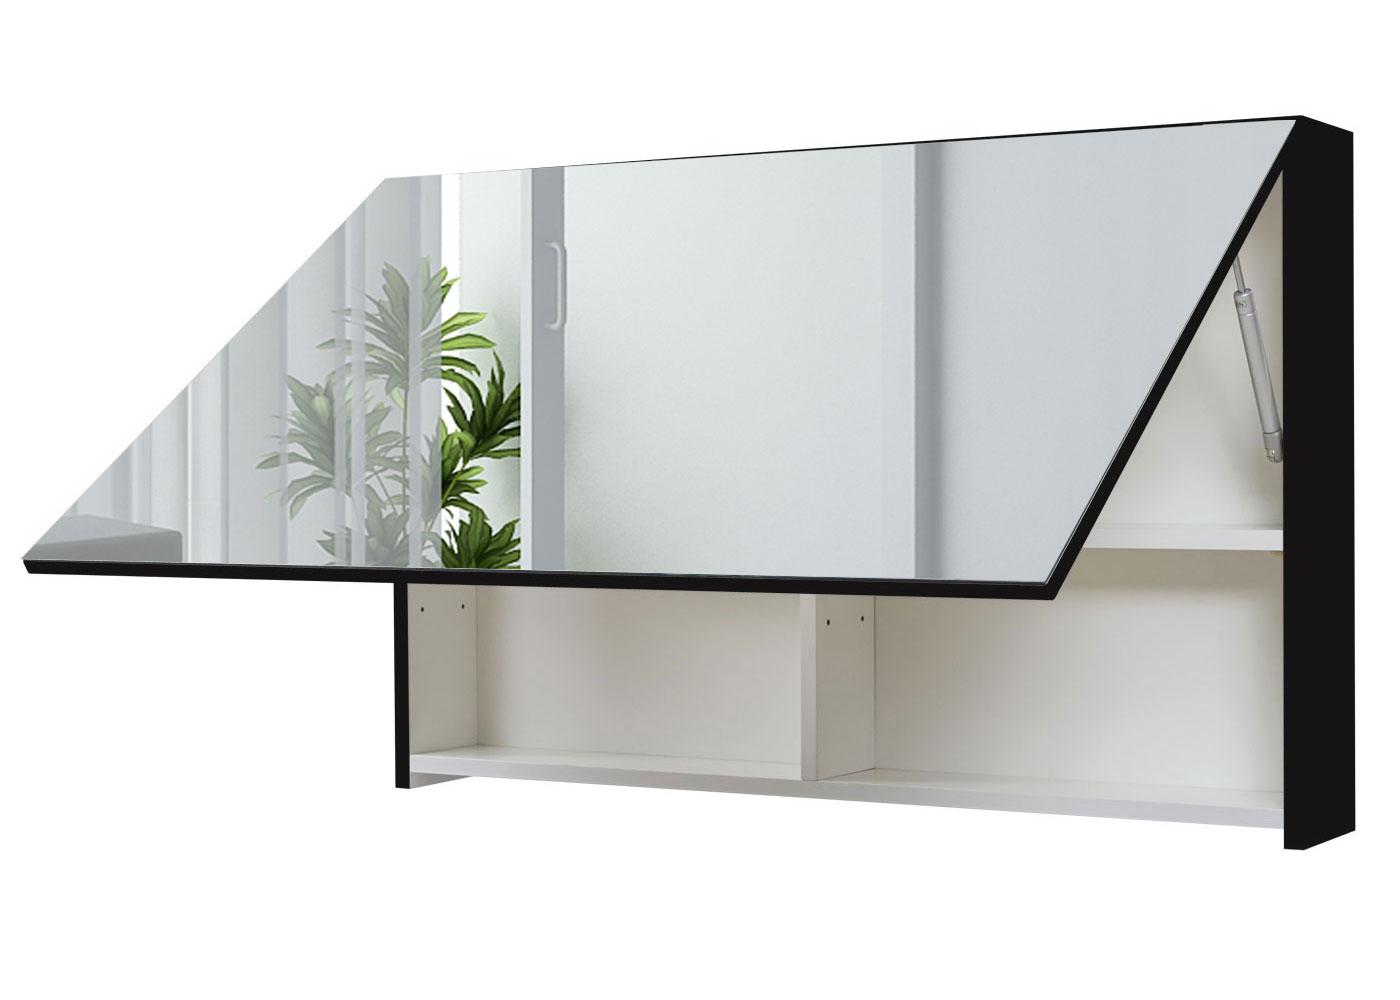 Badezimmerset xl hwc c11 waschtisch spiegel h ngeschrank for Spiegel heute